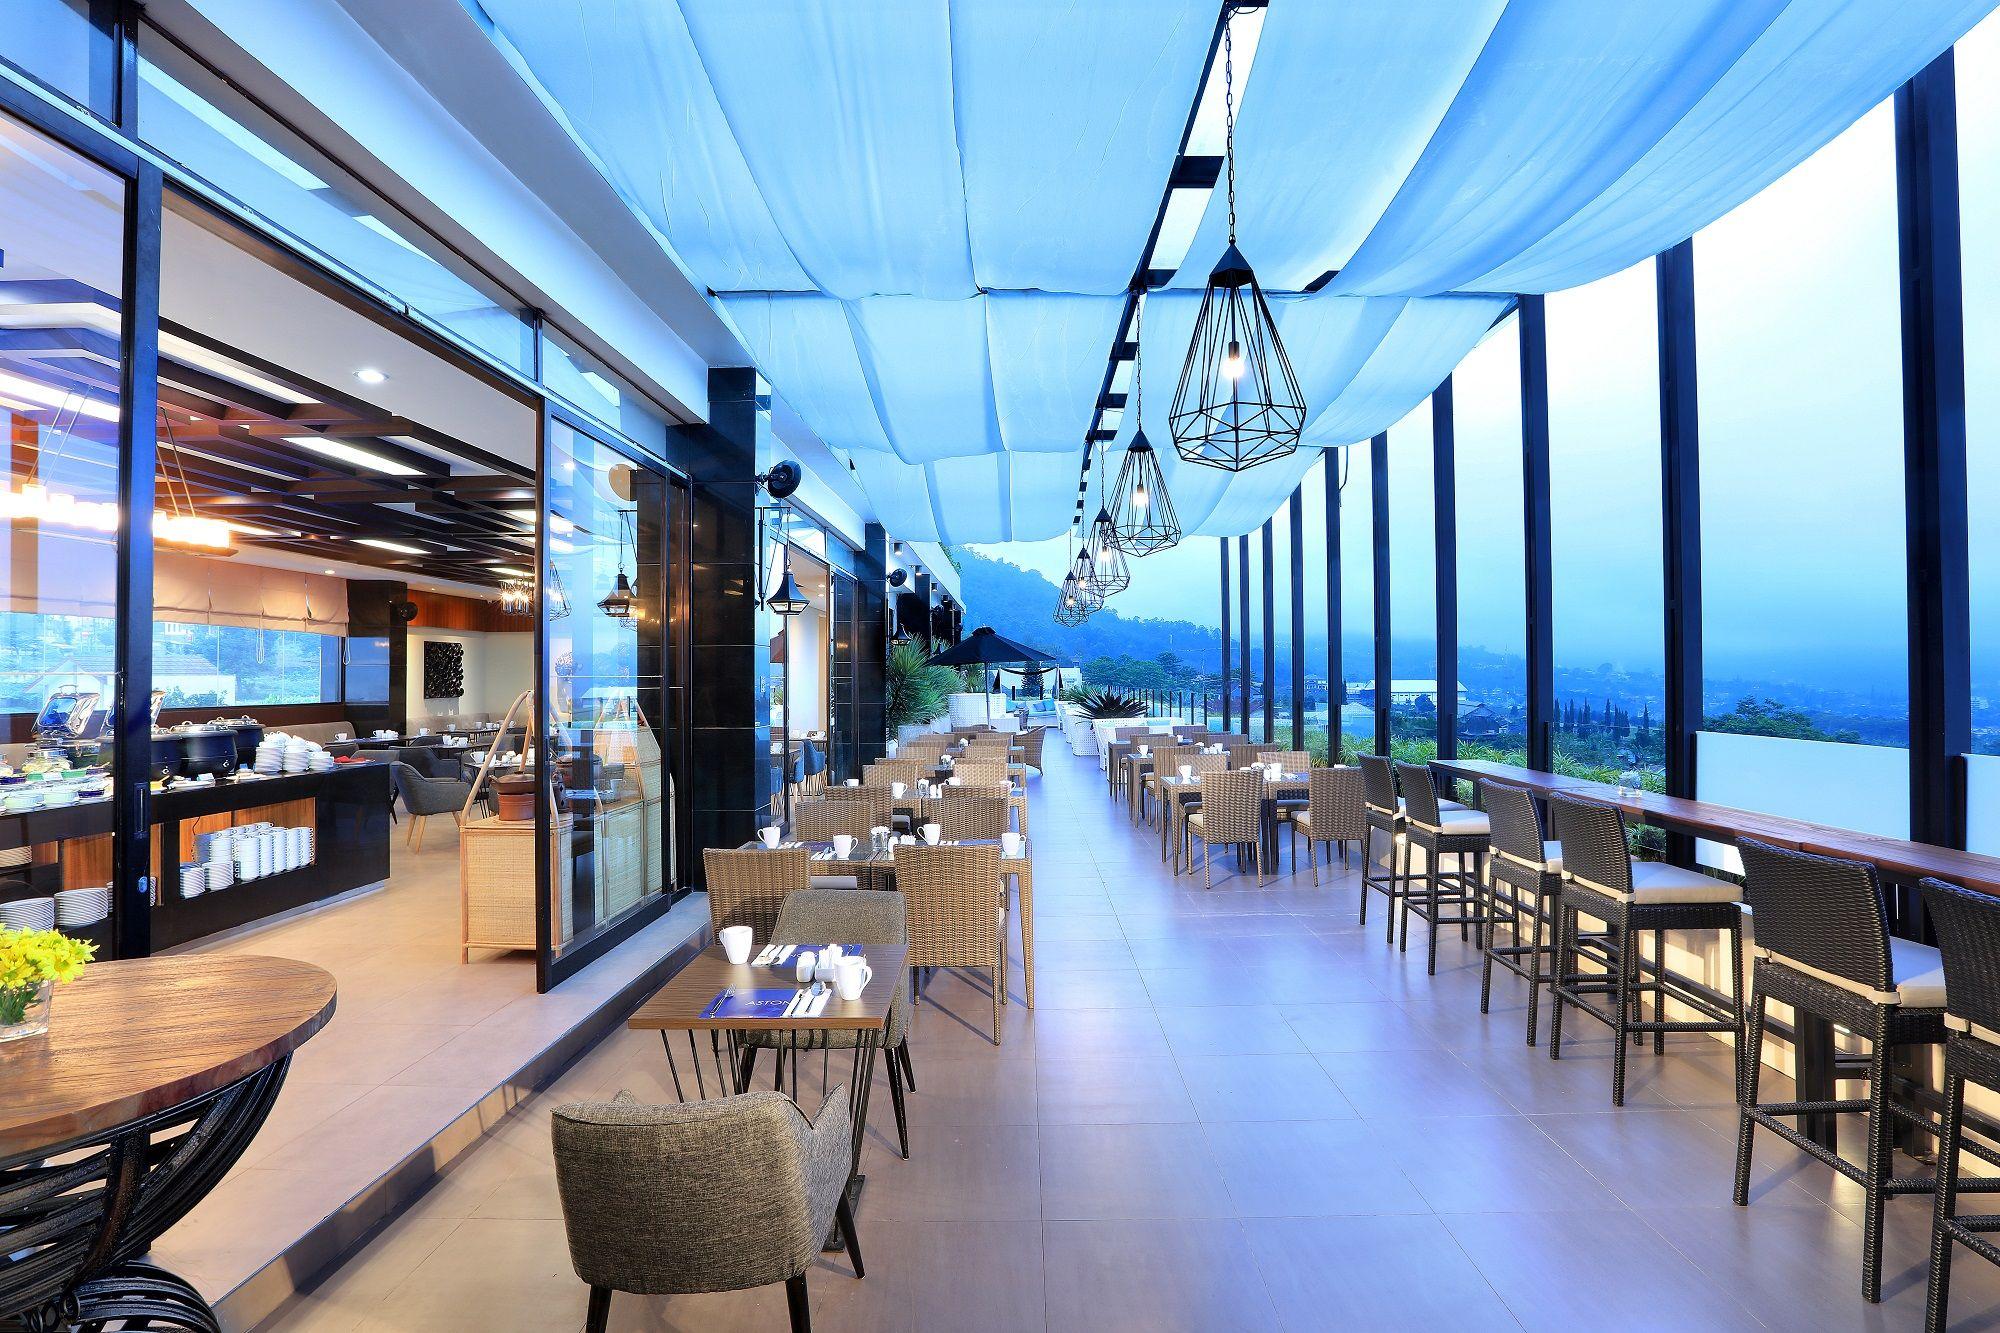 Hotels In Malang Book Promo Hotel East Java Voucher Maxone Ascent Aston Inn Batu